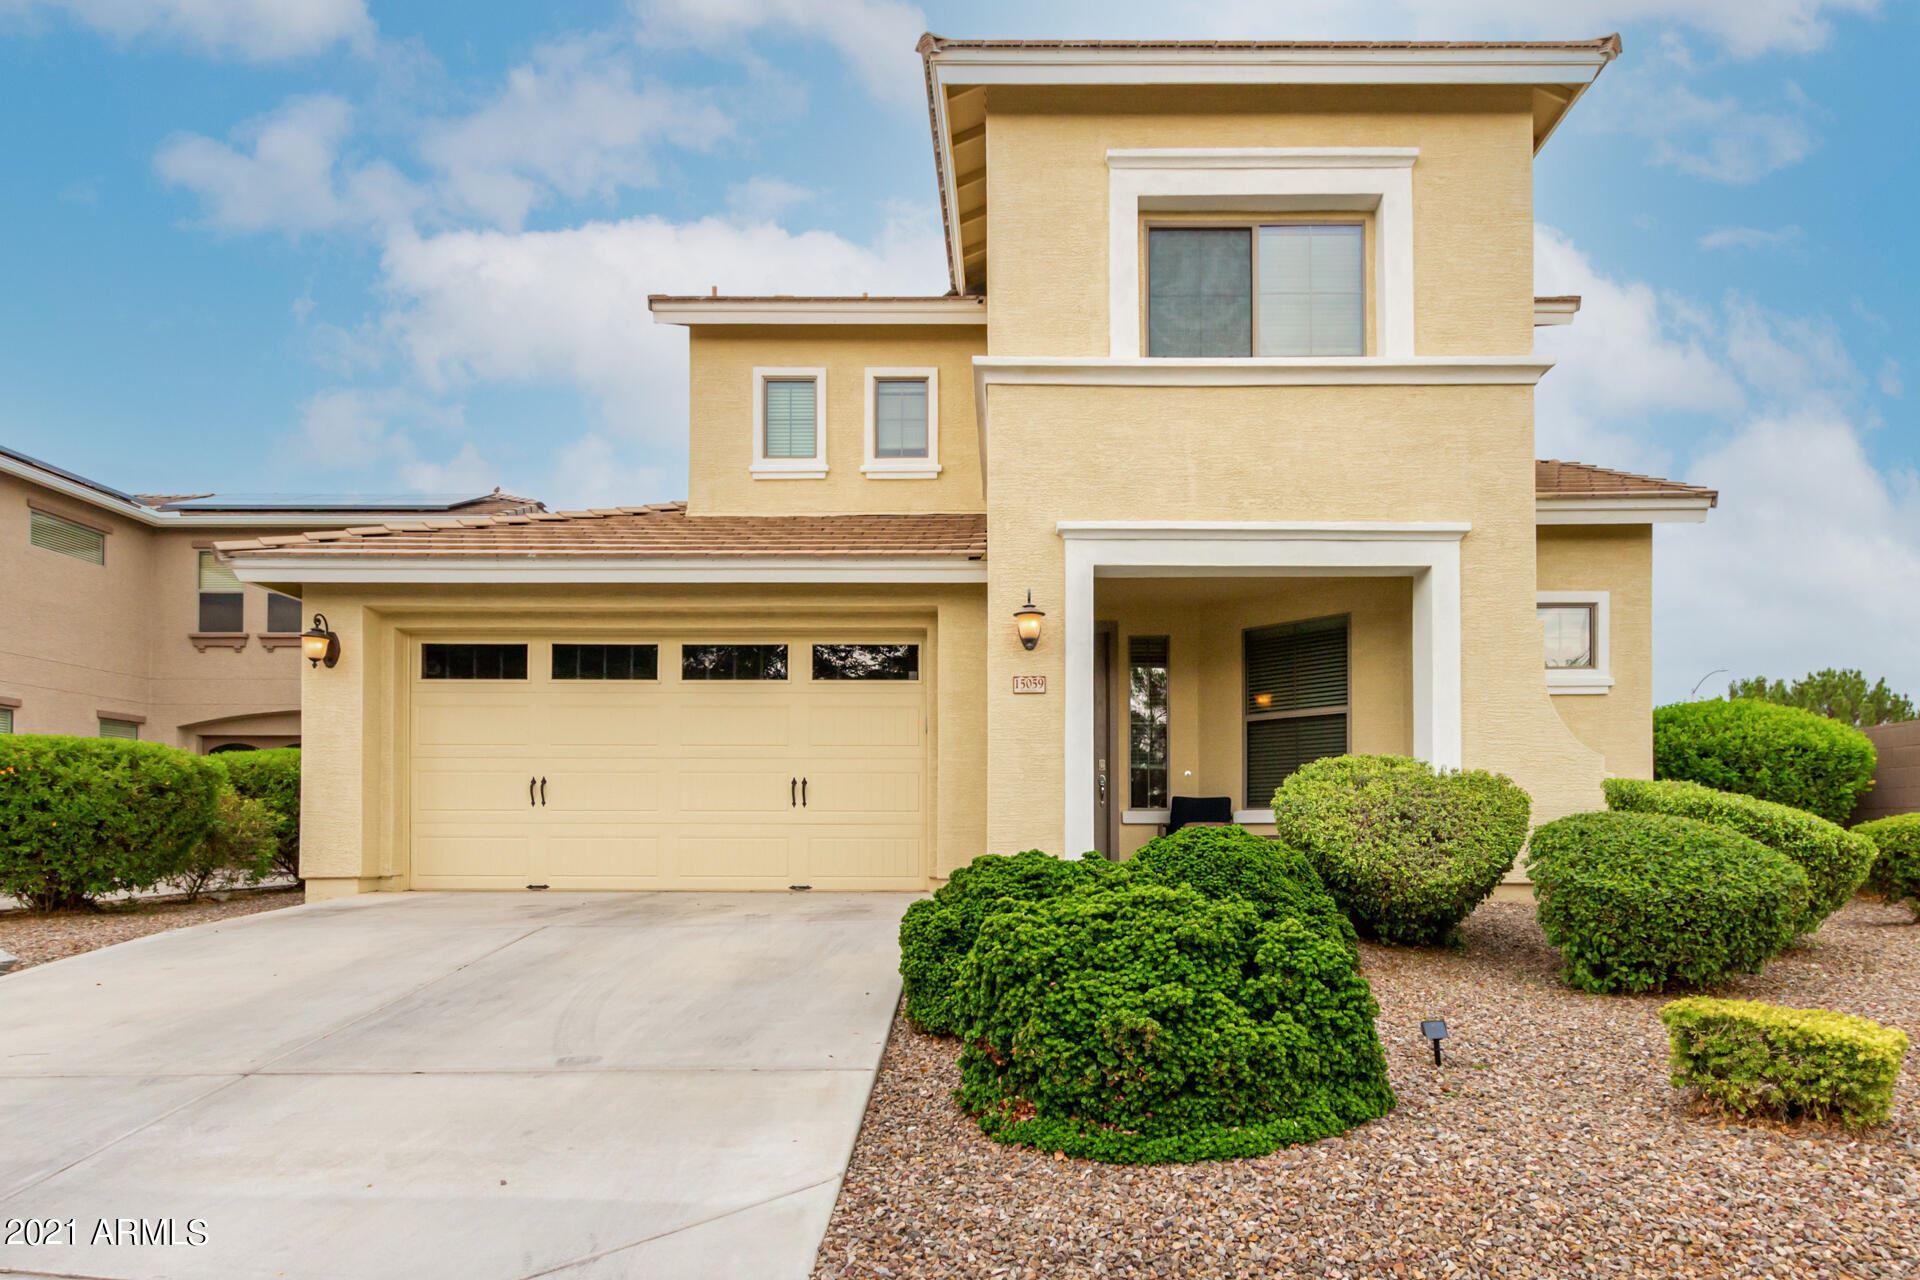 Photo of 15059 N 145TH Avenue, Surprise, AZ 85379 (MLS # 6269939)